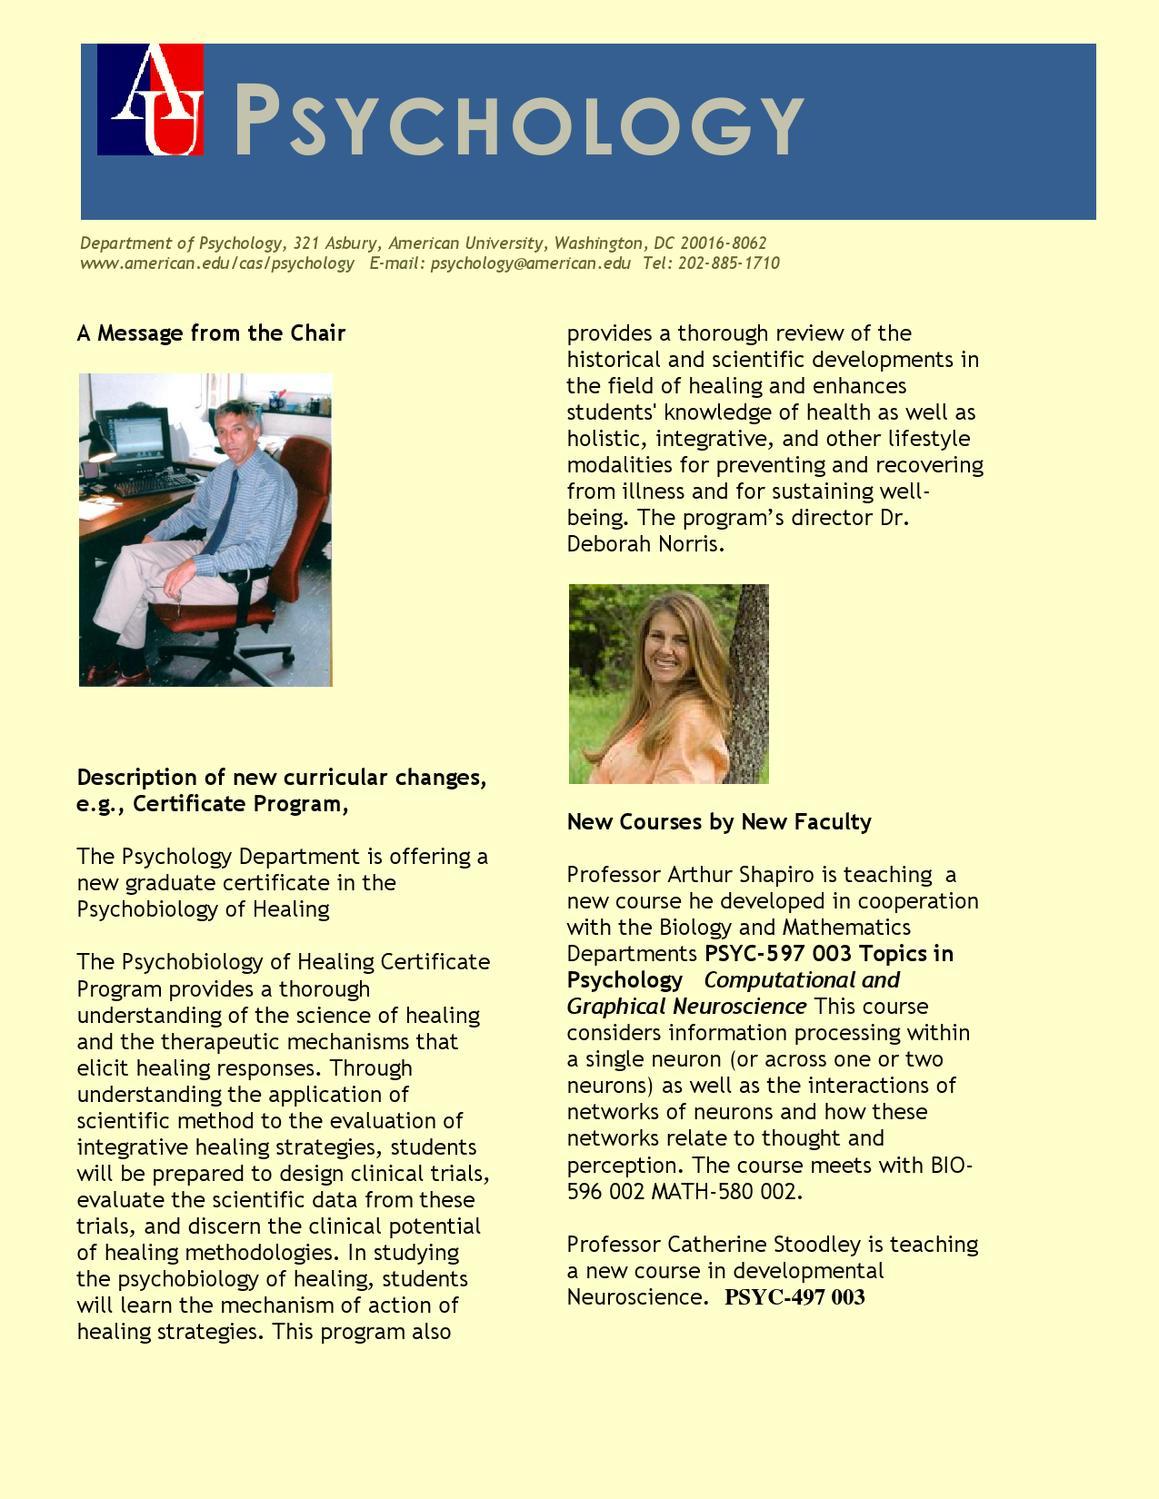 psychology newsletter spring 2011 by lefteris hazapis issuu. Black Bedroom Furniture Sets. Home Design Ideas